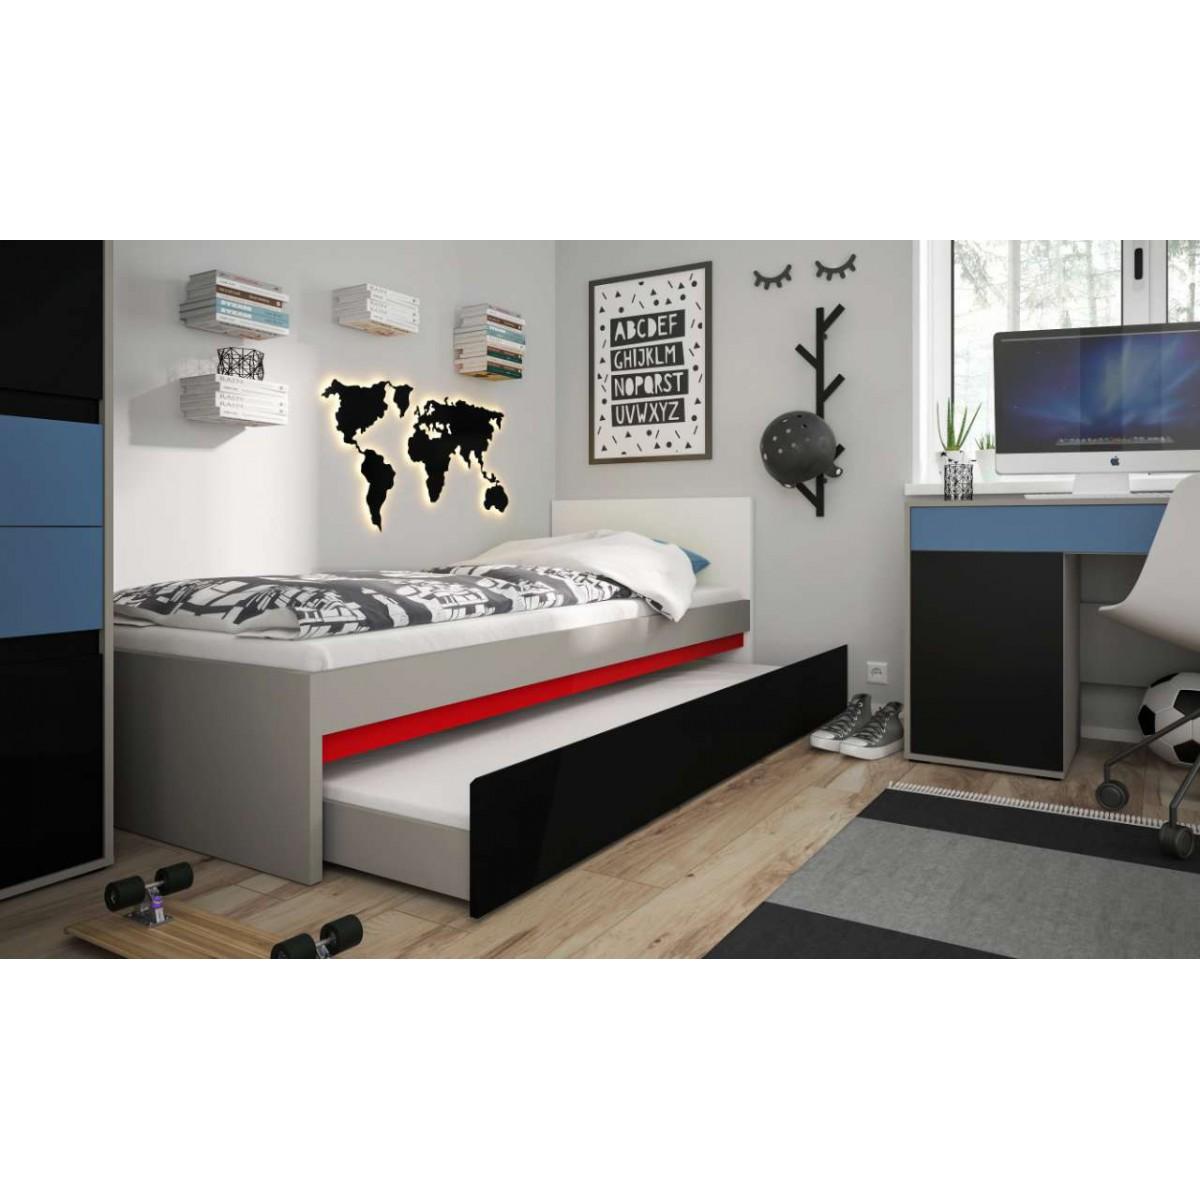 Łóżko do pokoju młodzieżowego szary platynowy, czarna perła / biała alpejska Laser 90cm LASZ01B